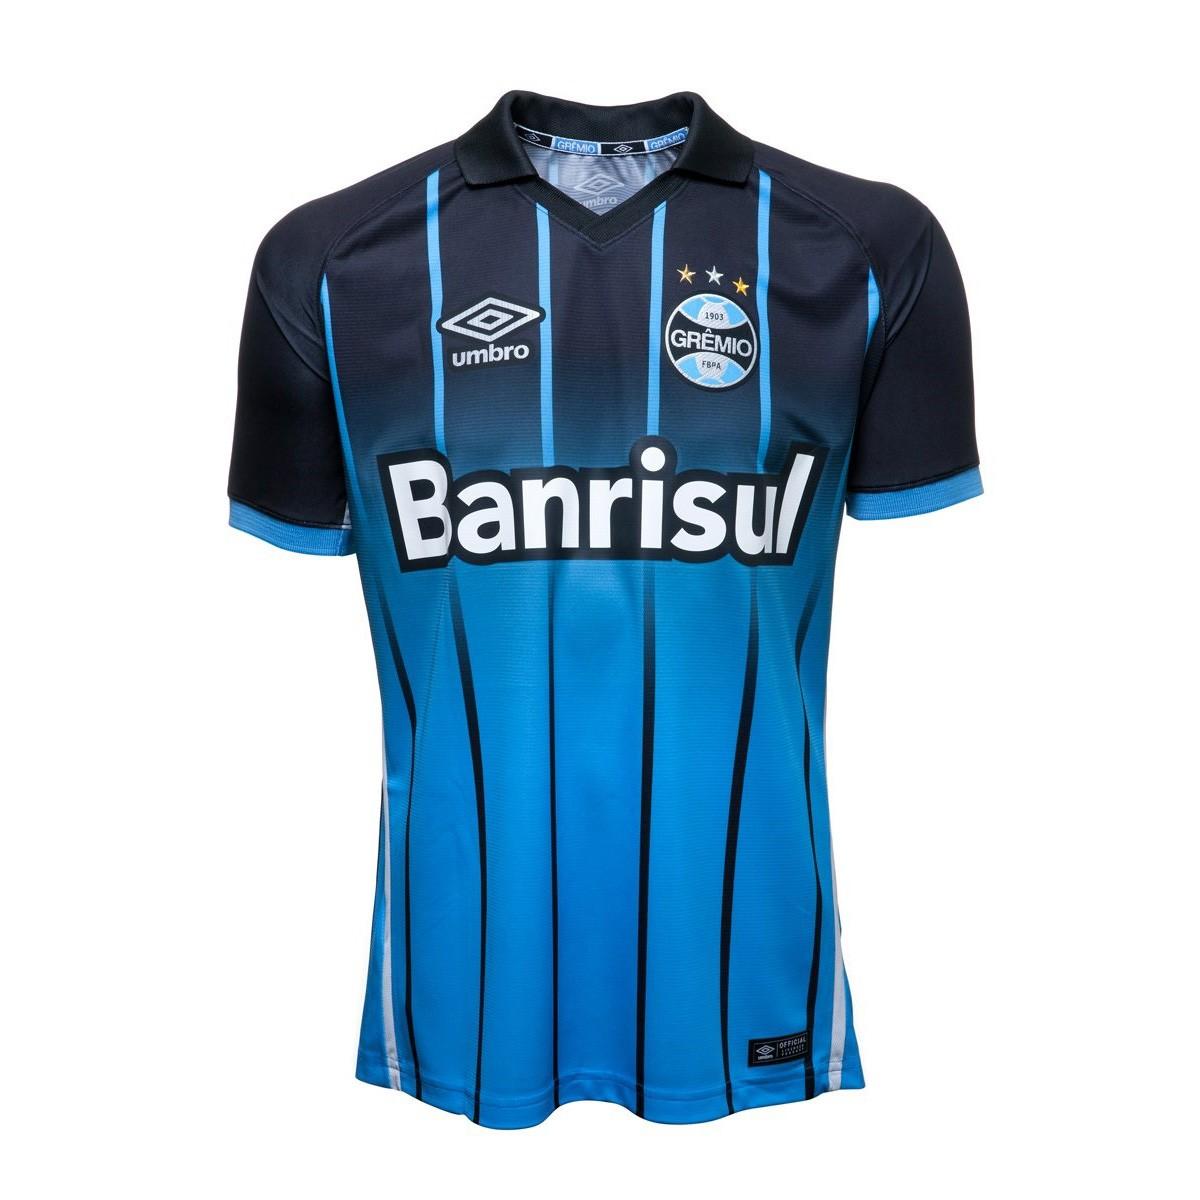 a3909ff431 Amplie a imagem. Camisa Junior Umbro Grêmio Oficial III 2016  Camisa Junior Umbro  Grêmio Oficial III 2016